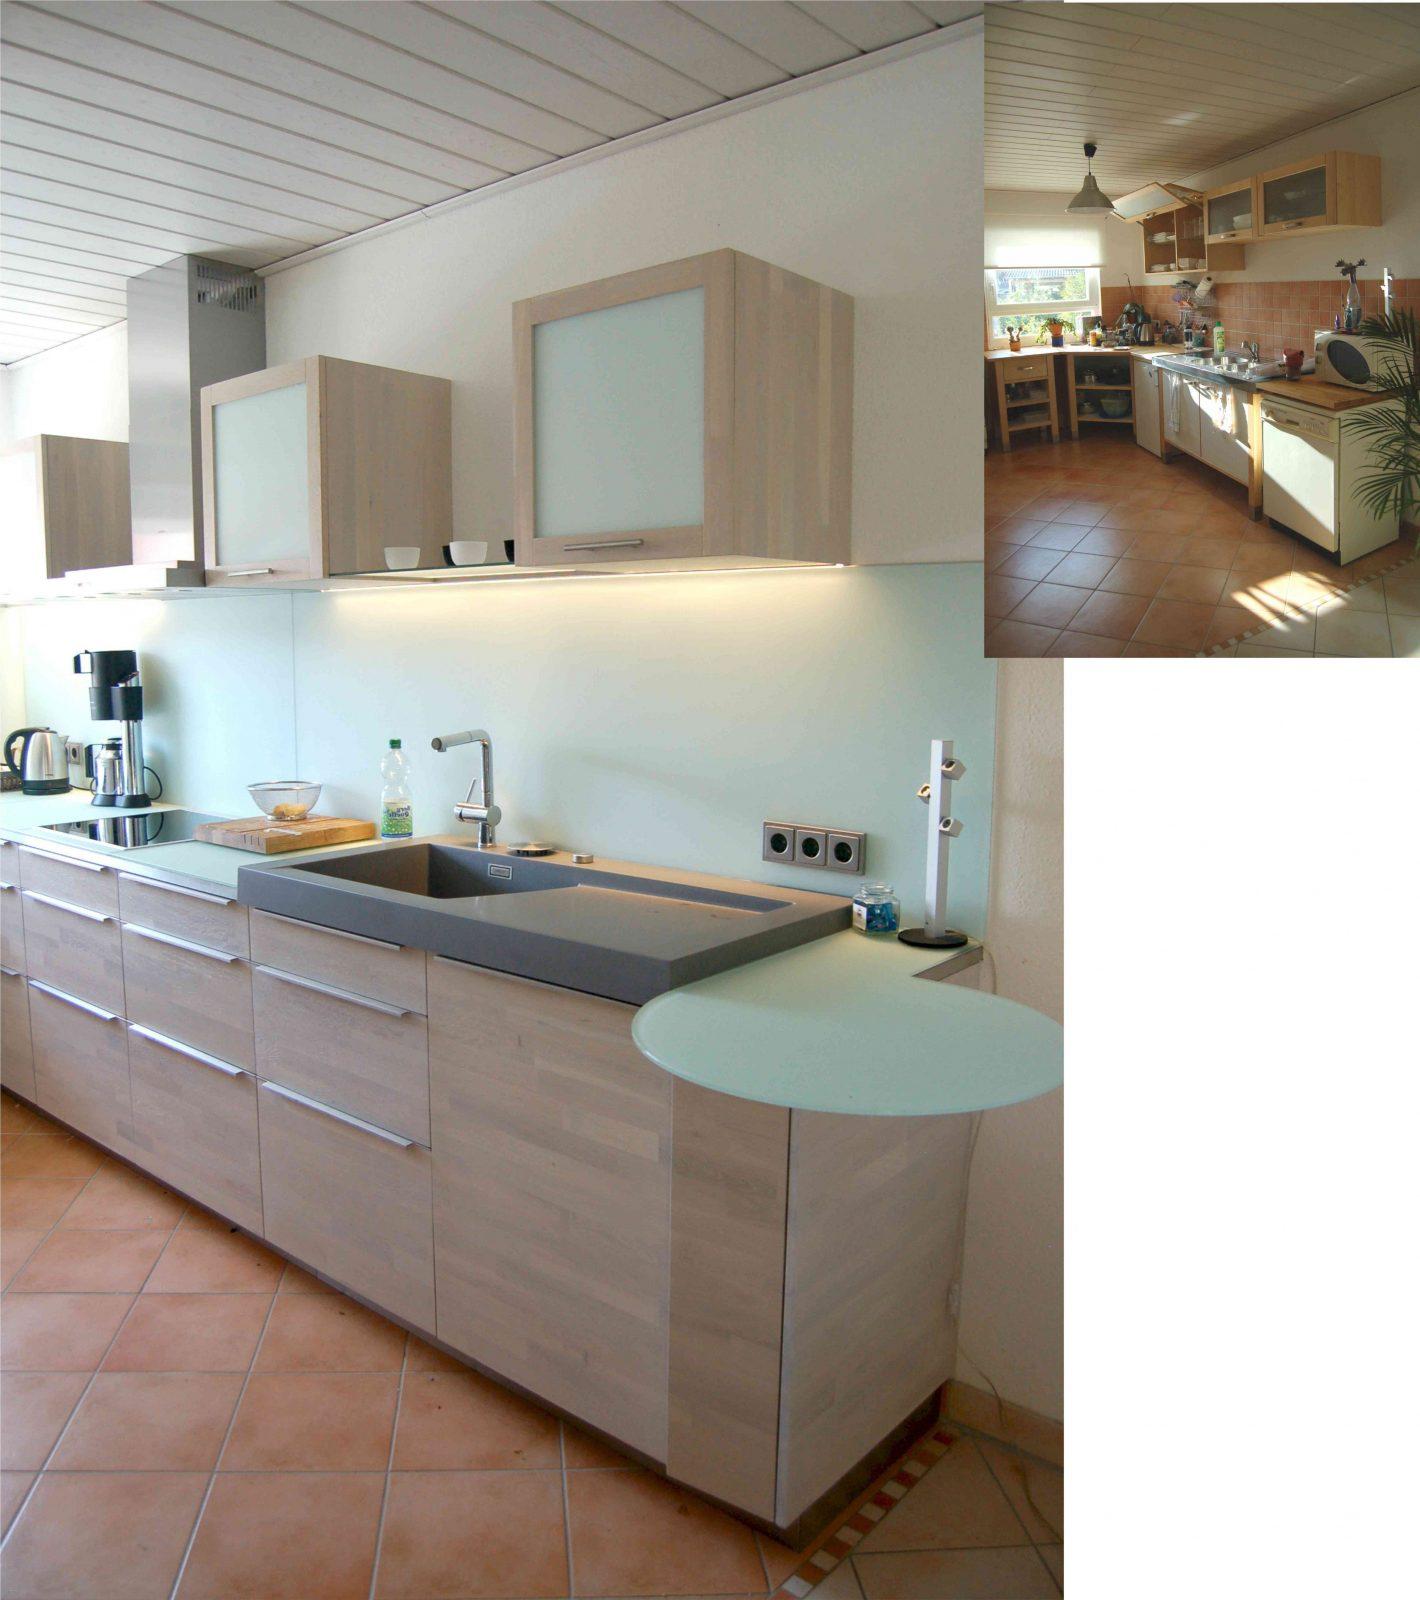 Abwaschbare Farbe Statt Fliesen Küche Einzigartig 30 Stilvoll Küche von Abwaschbare Farbe Statt Fliesen Küche Bild